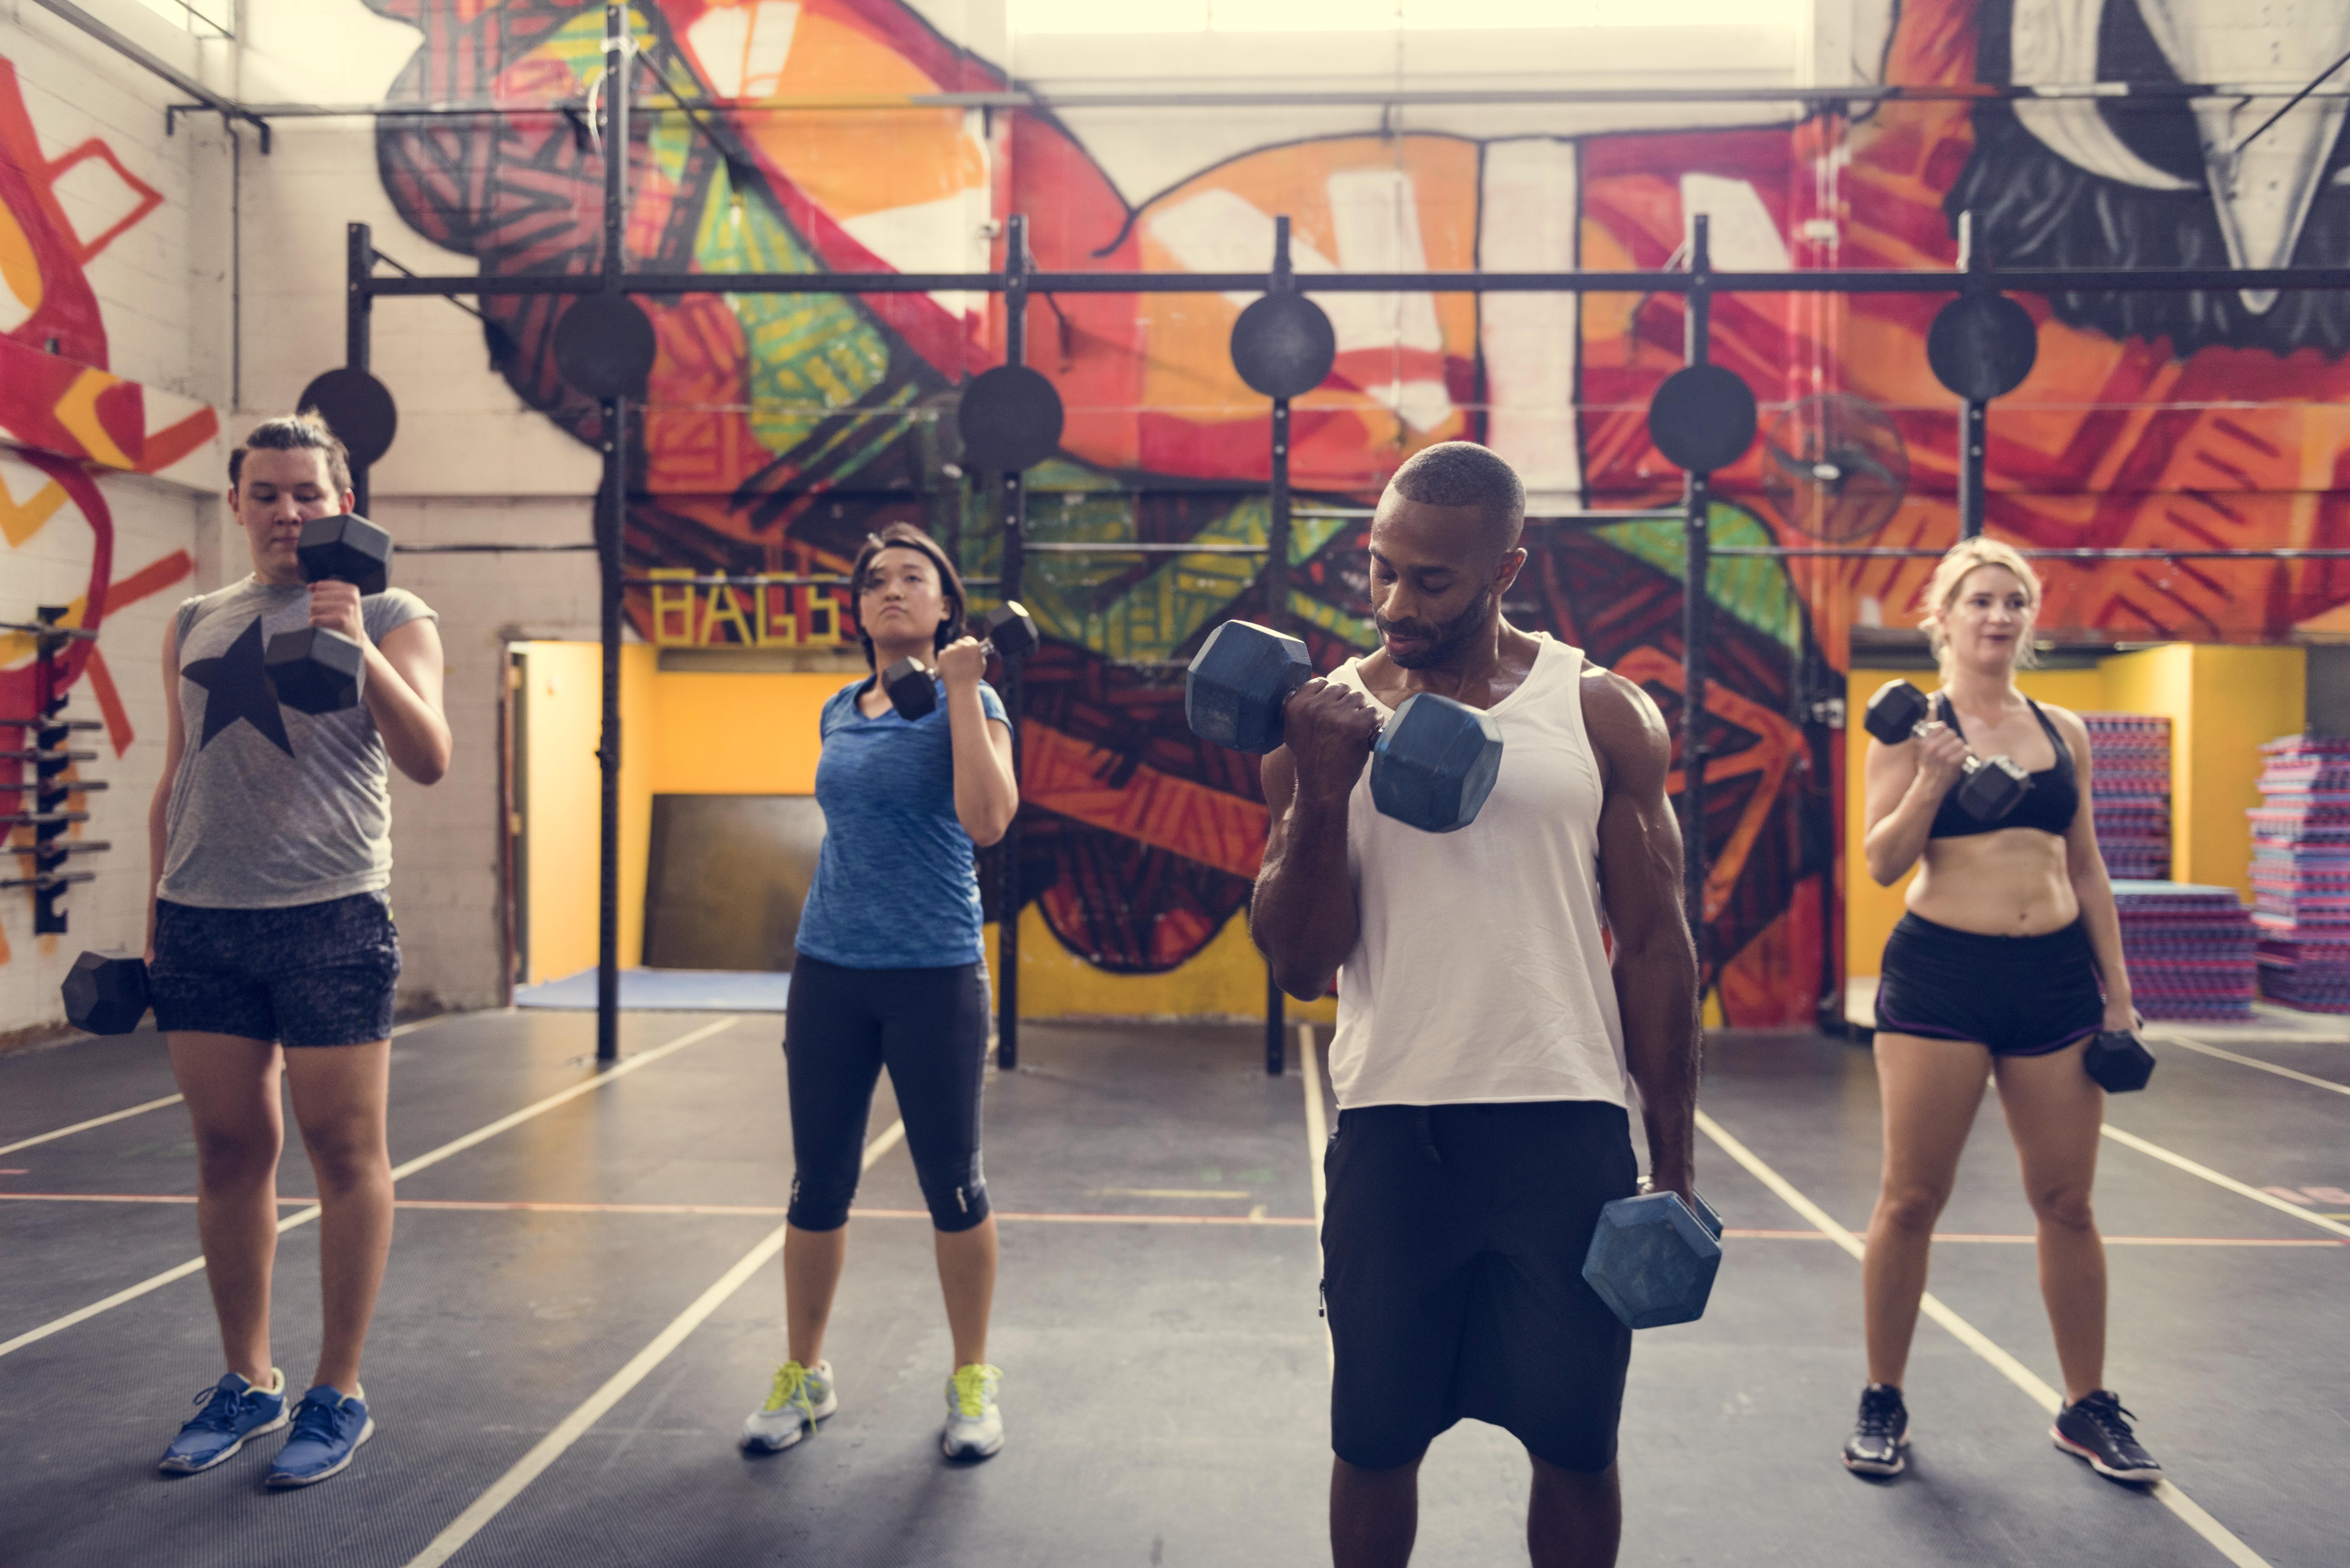 Fysisk aktivitet är bra för folkhälsan, idrott och träning ska därför fortsätta, anser Folkhälsomyndigheten.